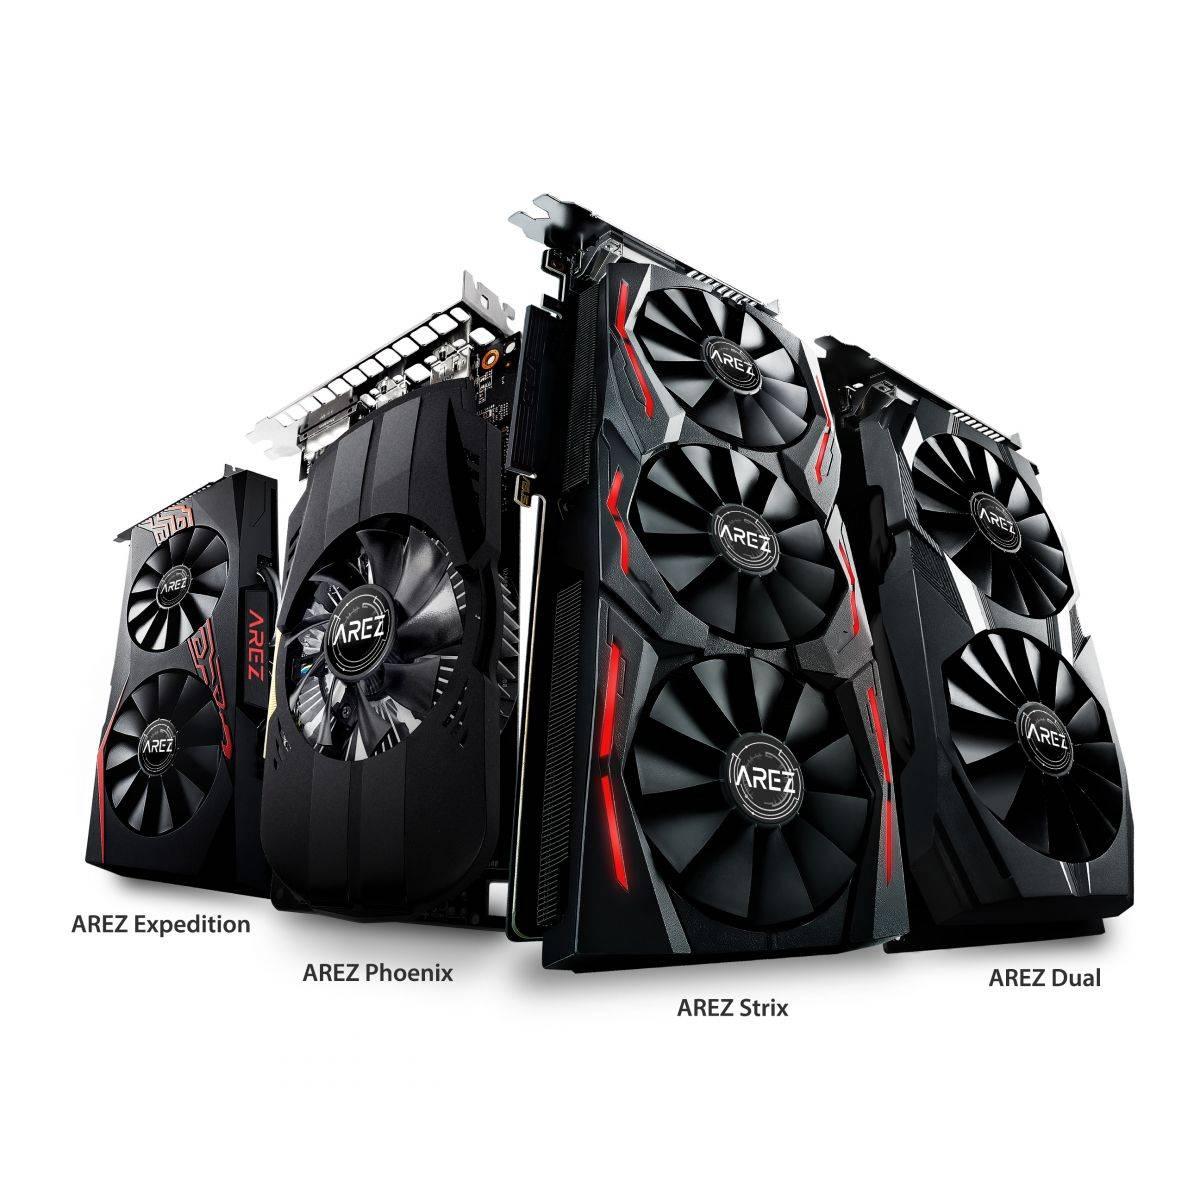 ¿Te interesa armar tu propia computadora para gaming? Te contamos un poco acerca de lo que necesitas, y como conseguirlo si te encuentras dentro de México